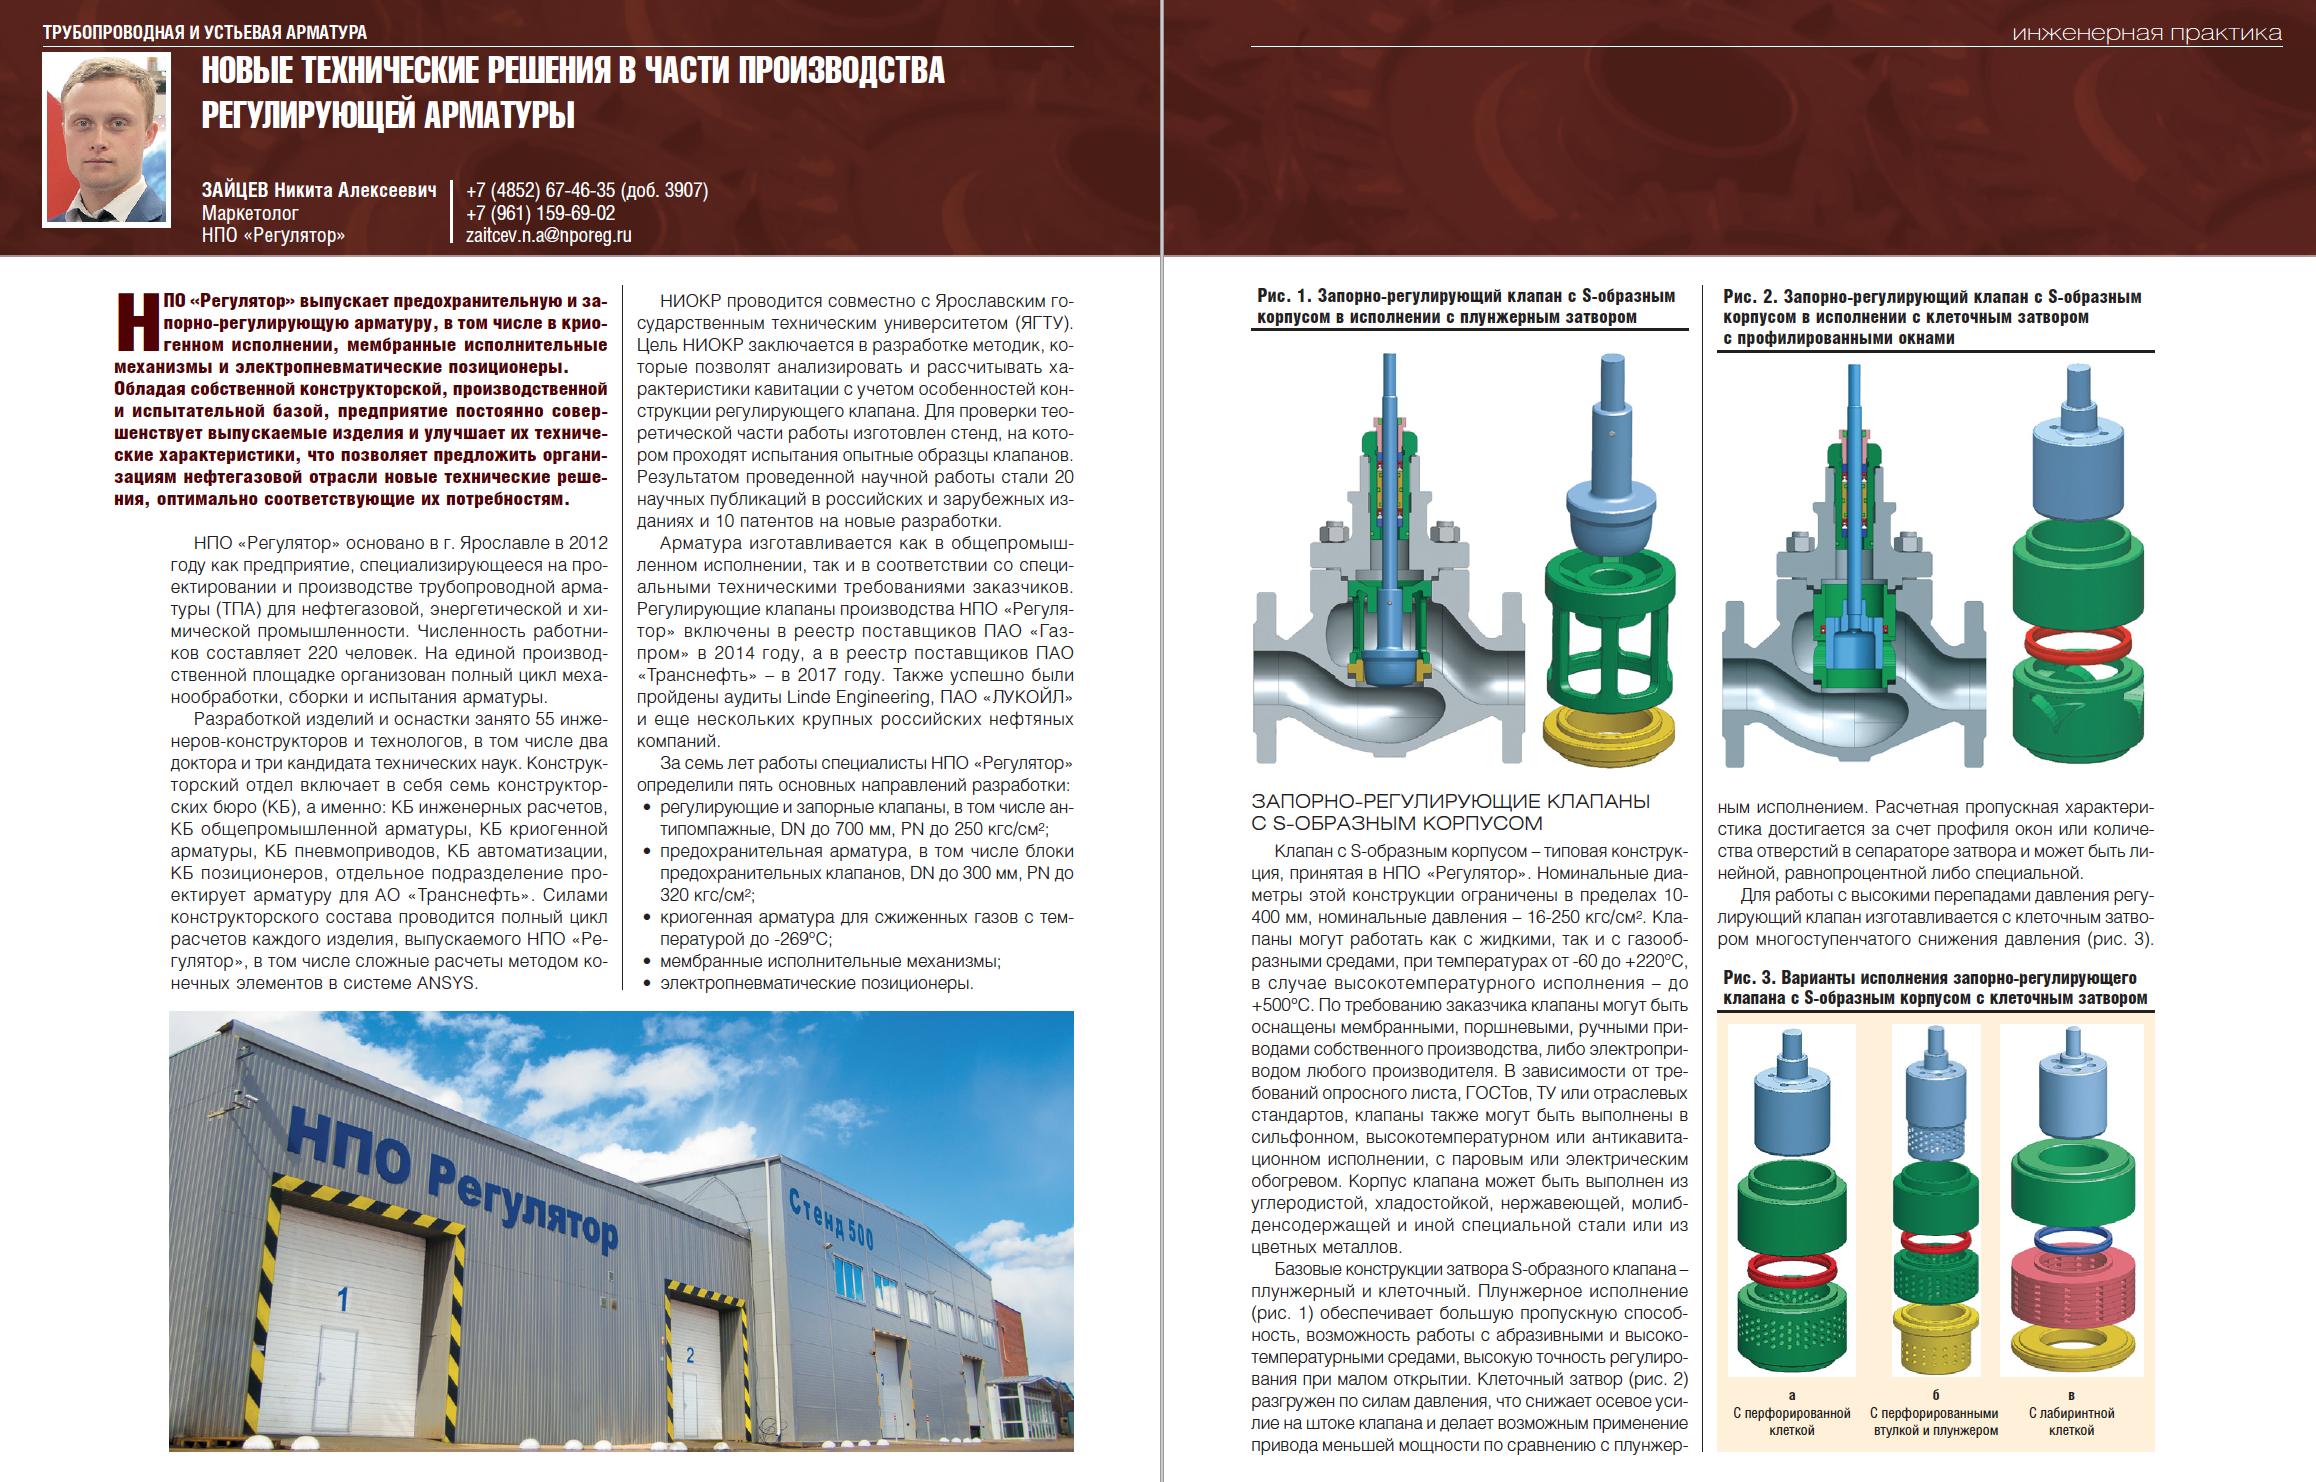 30111 Новые технические решения в части производства регулирующей арматуры